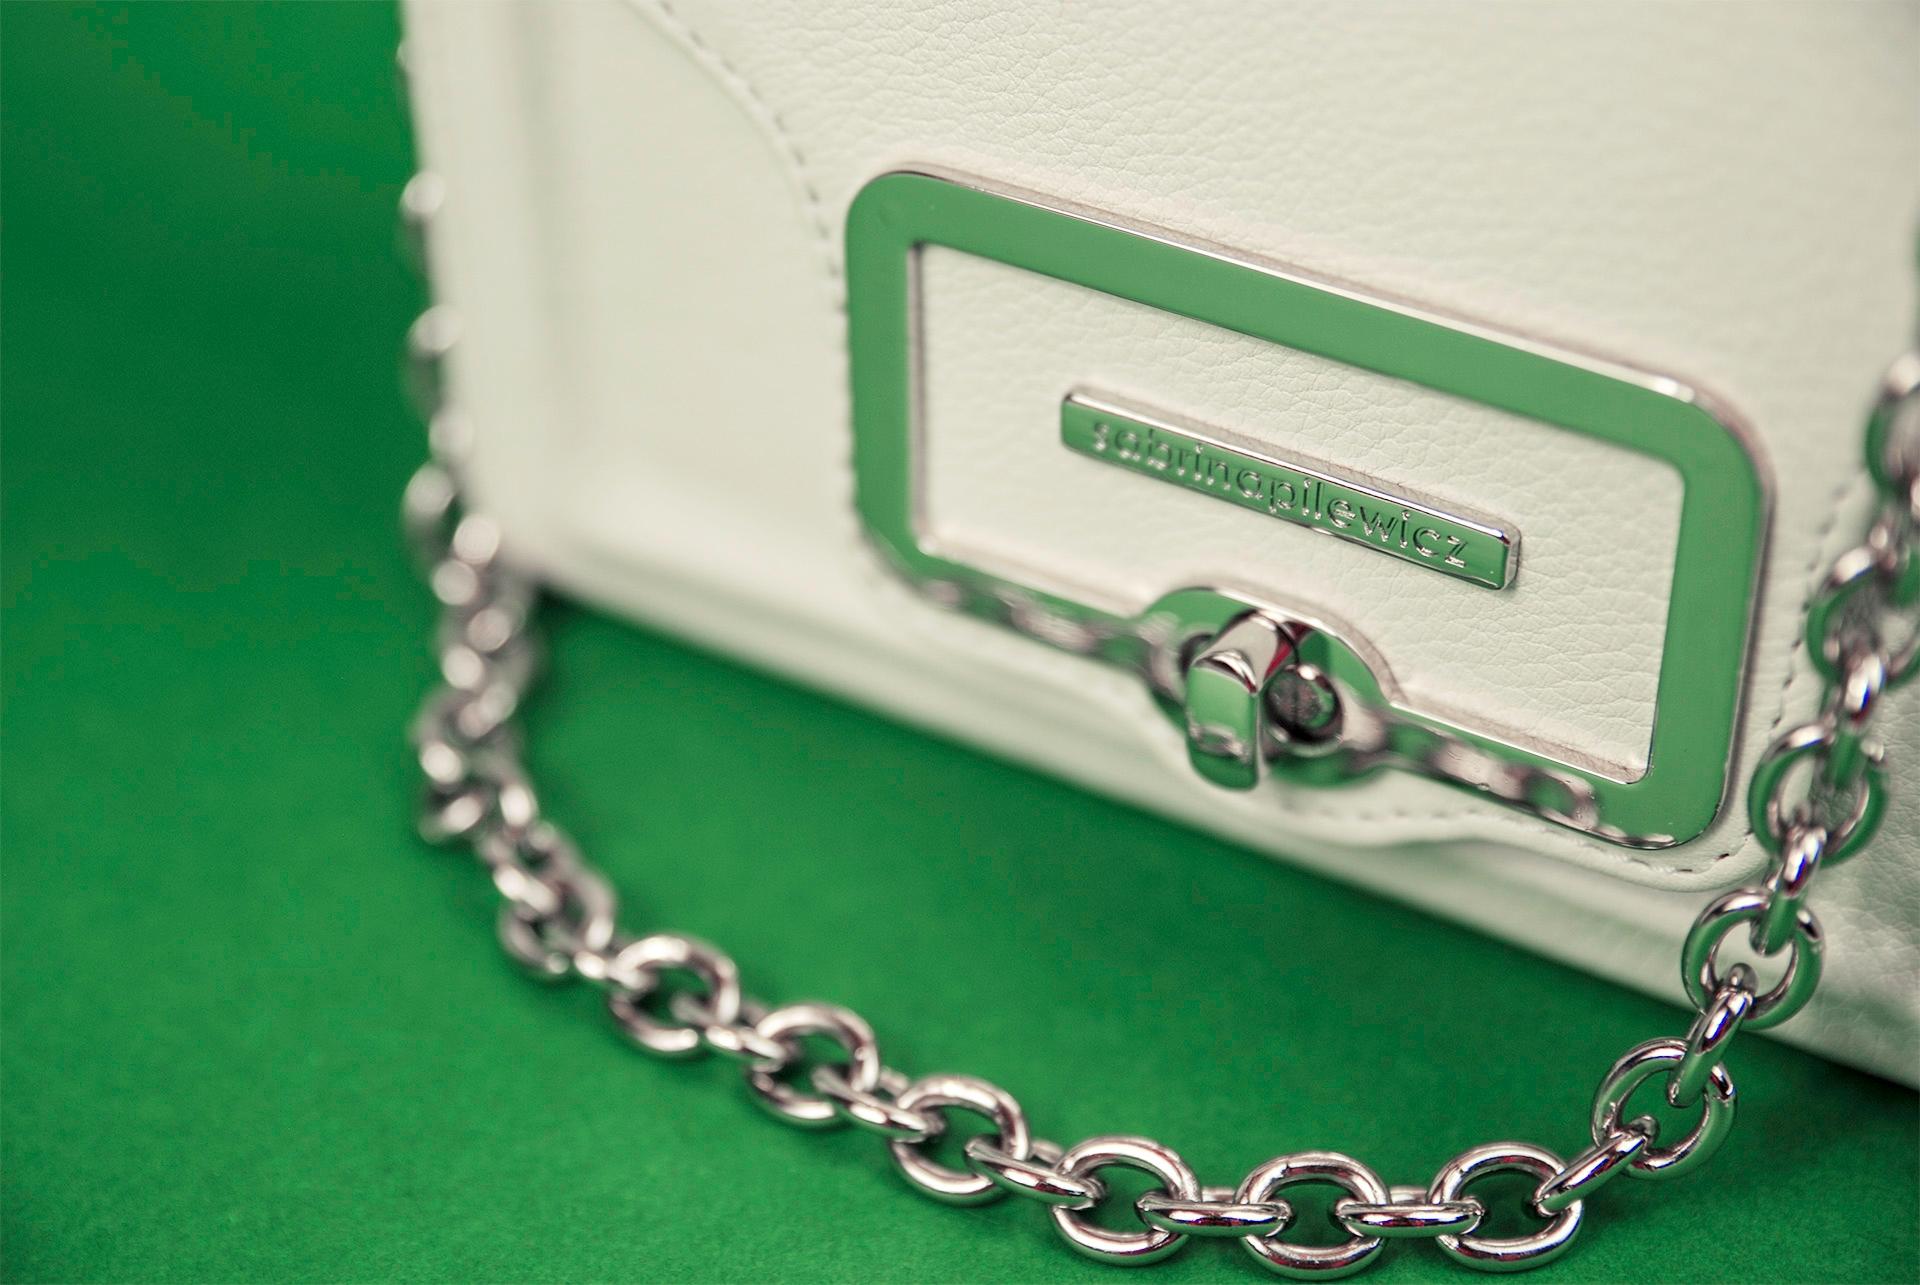 Zdjęcie przedstawia zbliżenie na fragment białej torebki ze srebrnym łańcuszkiem, która leży na zielonym podłożu.